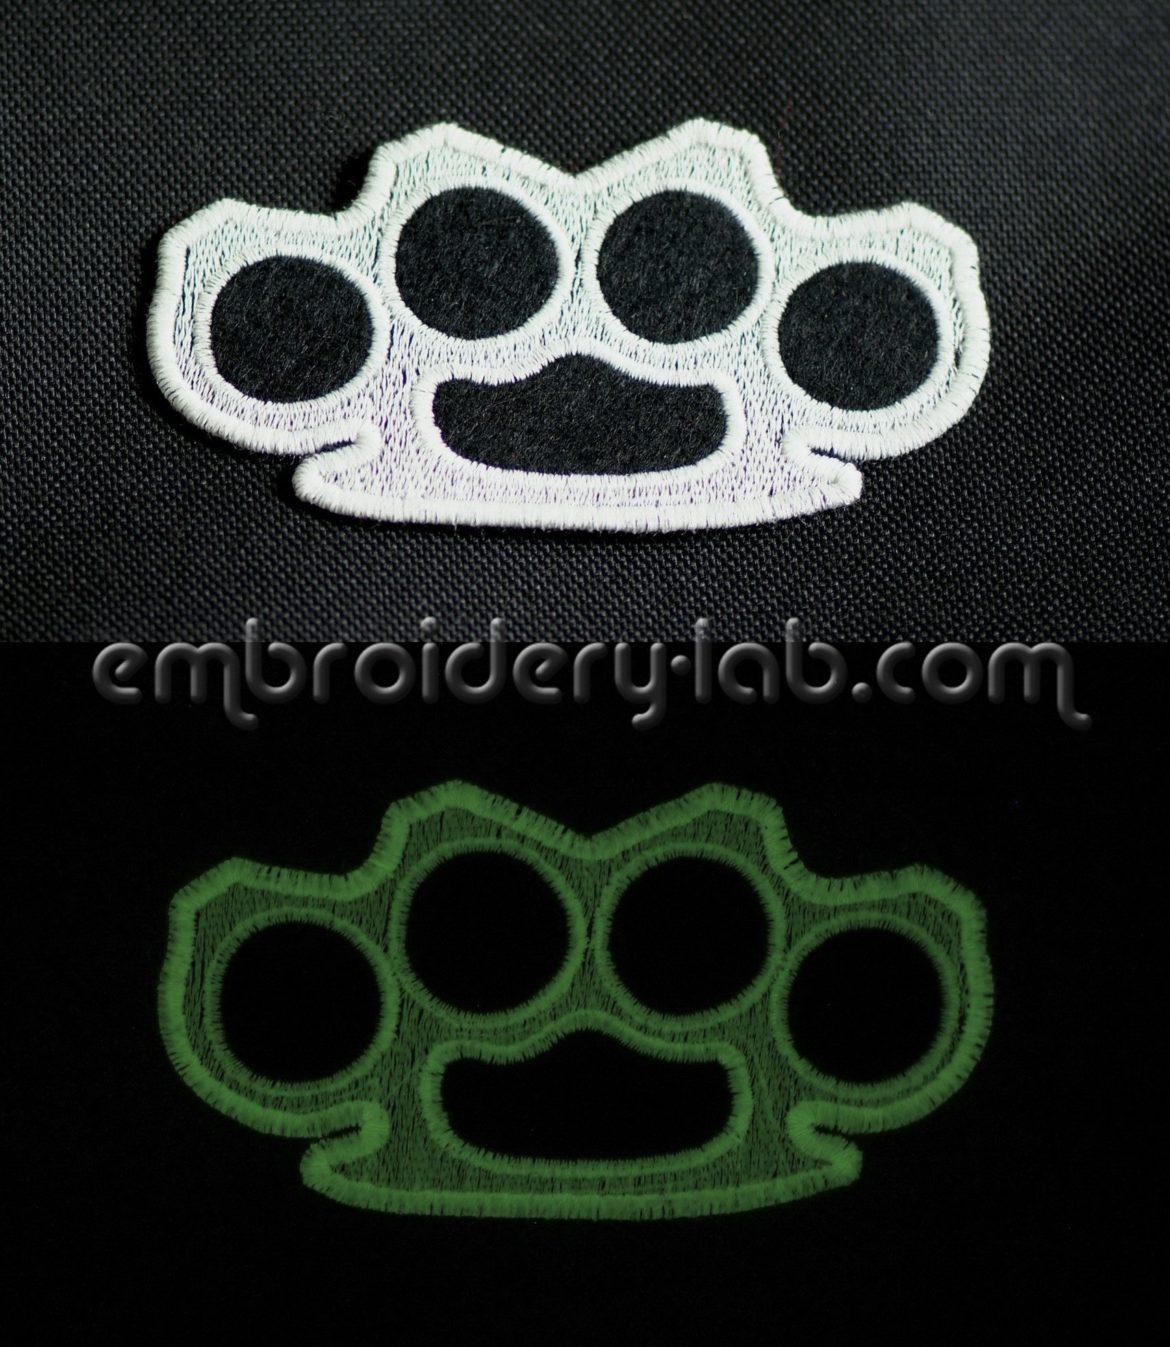 Brass knuckles patch 0001